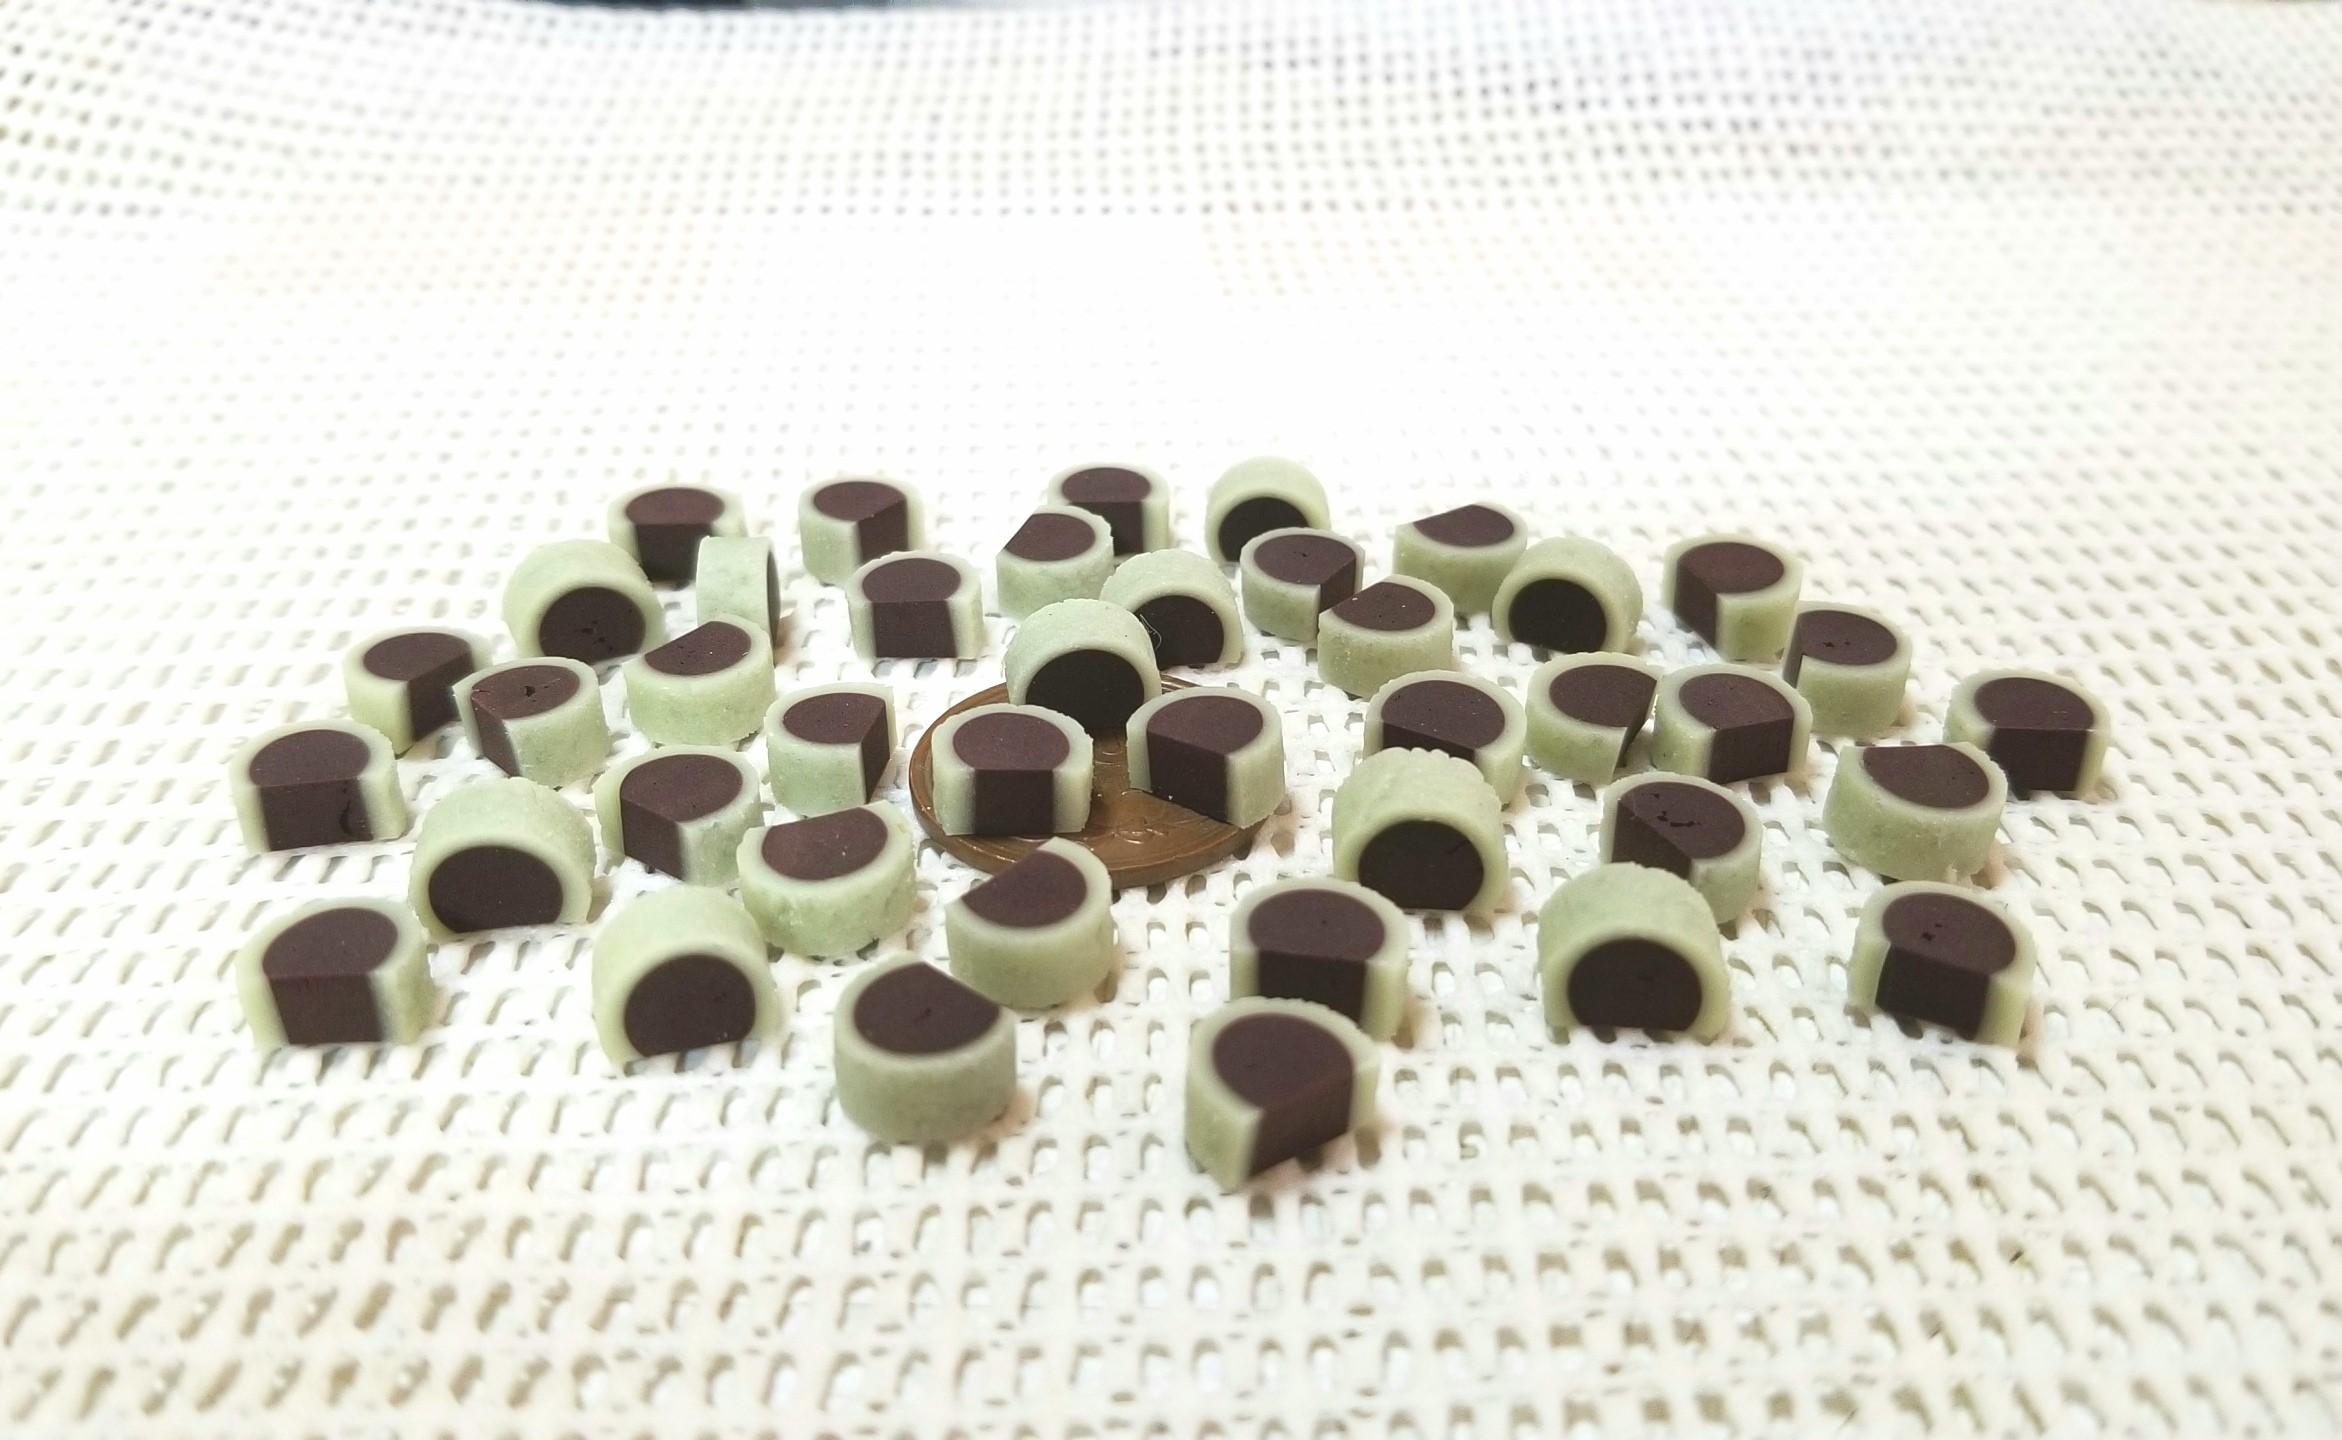 ミニチュア,和菓子,餡,あんこ,樹脂粘土,ドールハウス,シルバニア